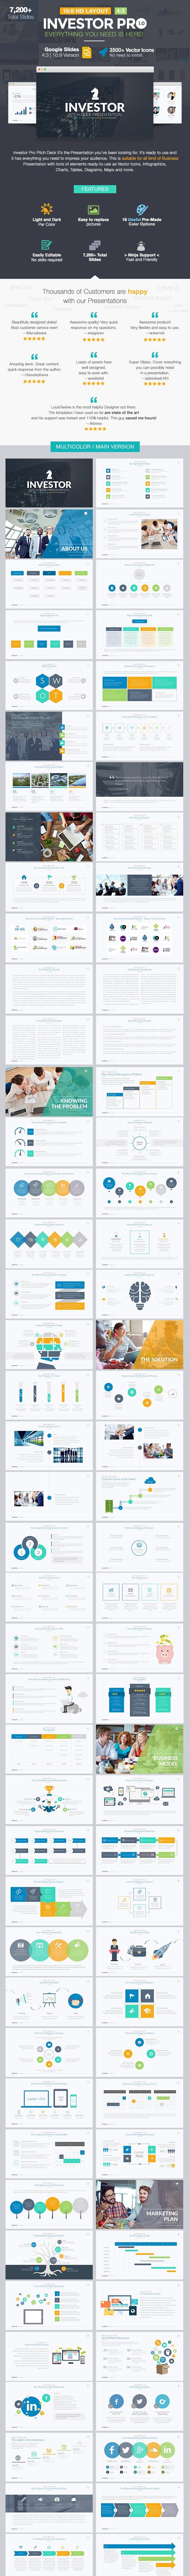 Investor Pitch Deck Google Slides Template - Google Slides Presentation Templates